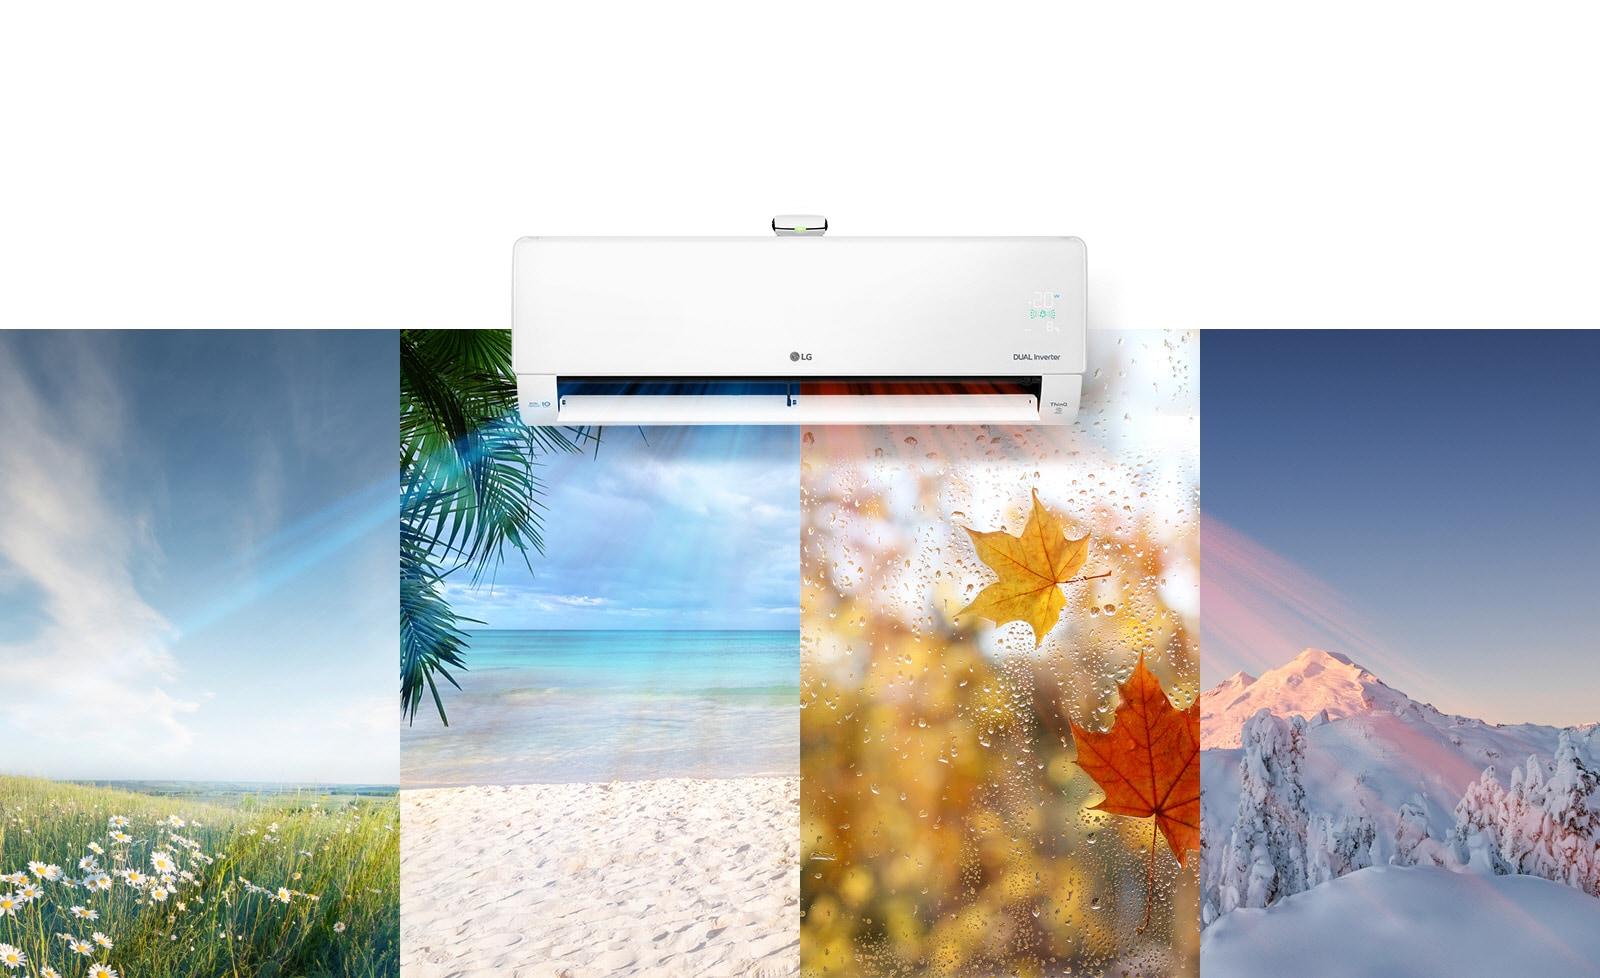 代表一年四季的四個圖片拼貼成宛如牆上的一幅畫,而正上方安裝的 LG 空調流出空氣,流經每個季節的圖片。